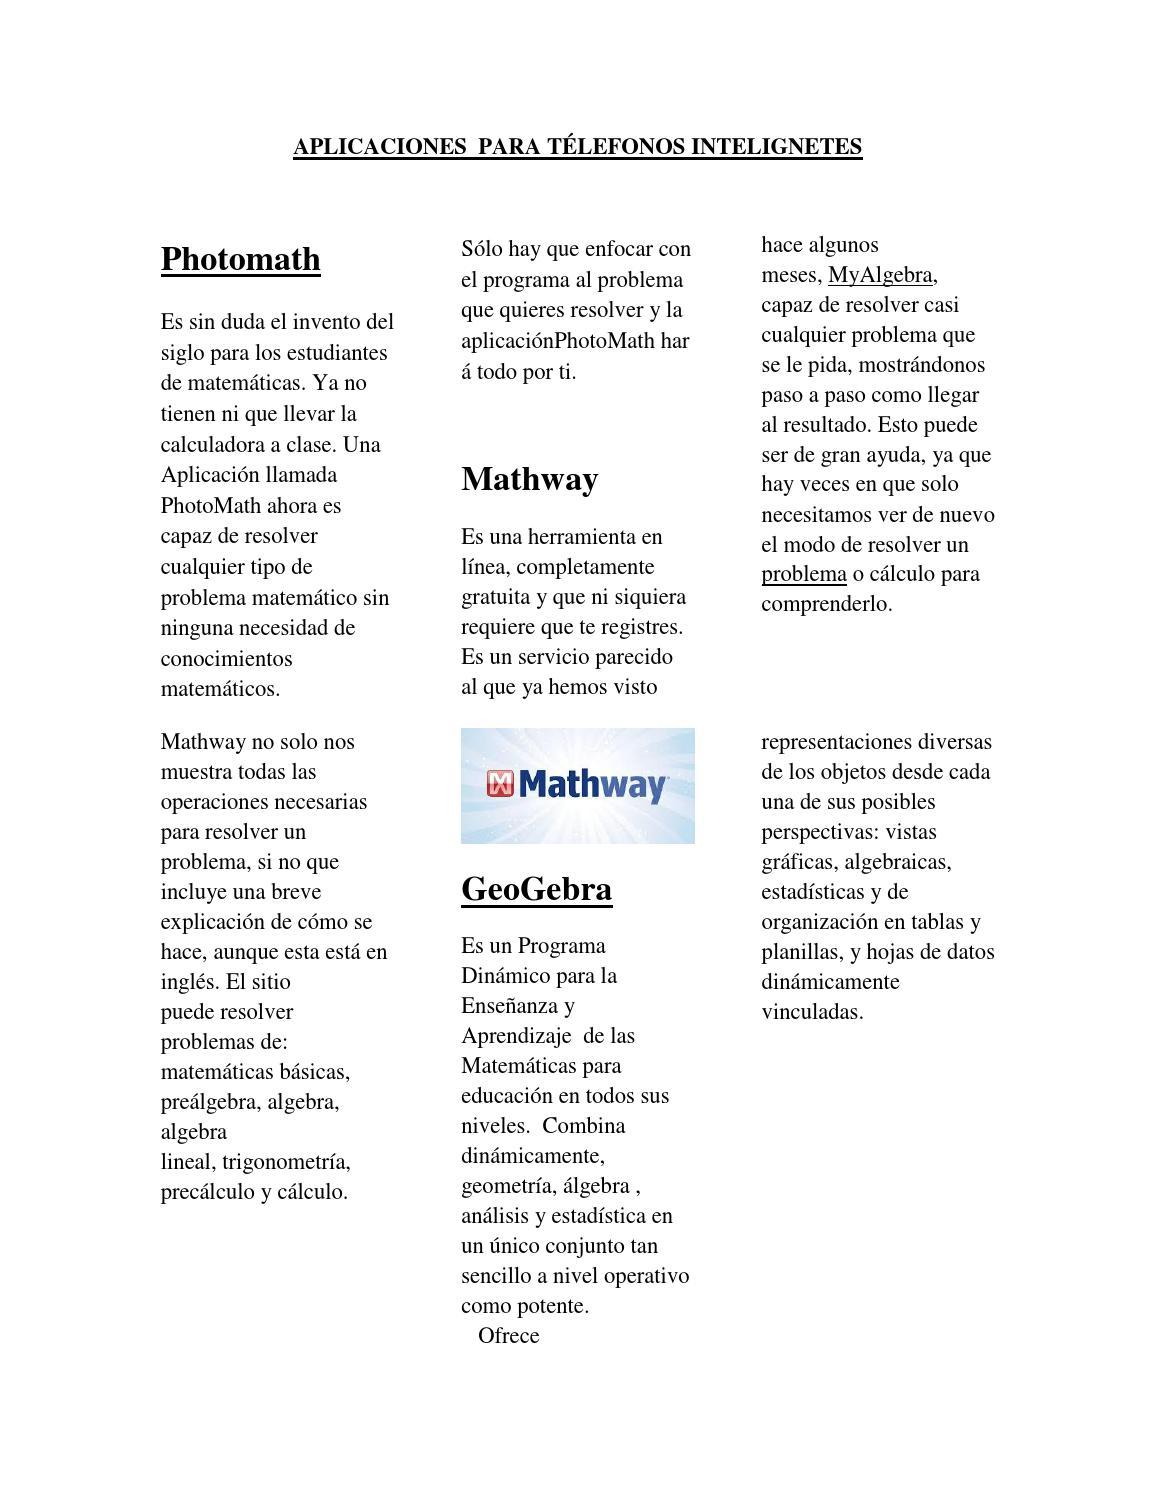 Aplicaciones para télefonos intelignetes by Leticia Alvarez ... on